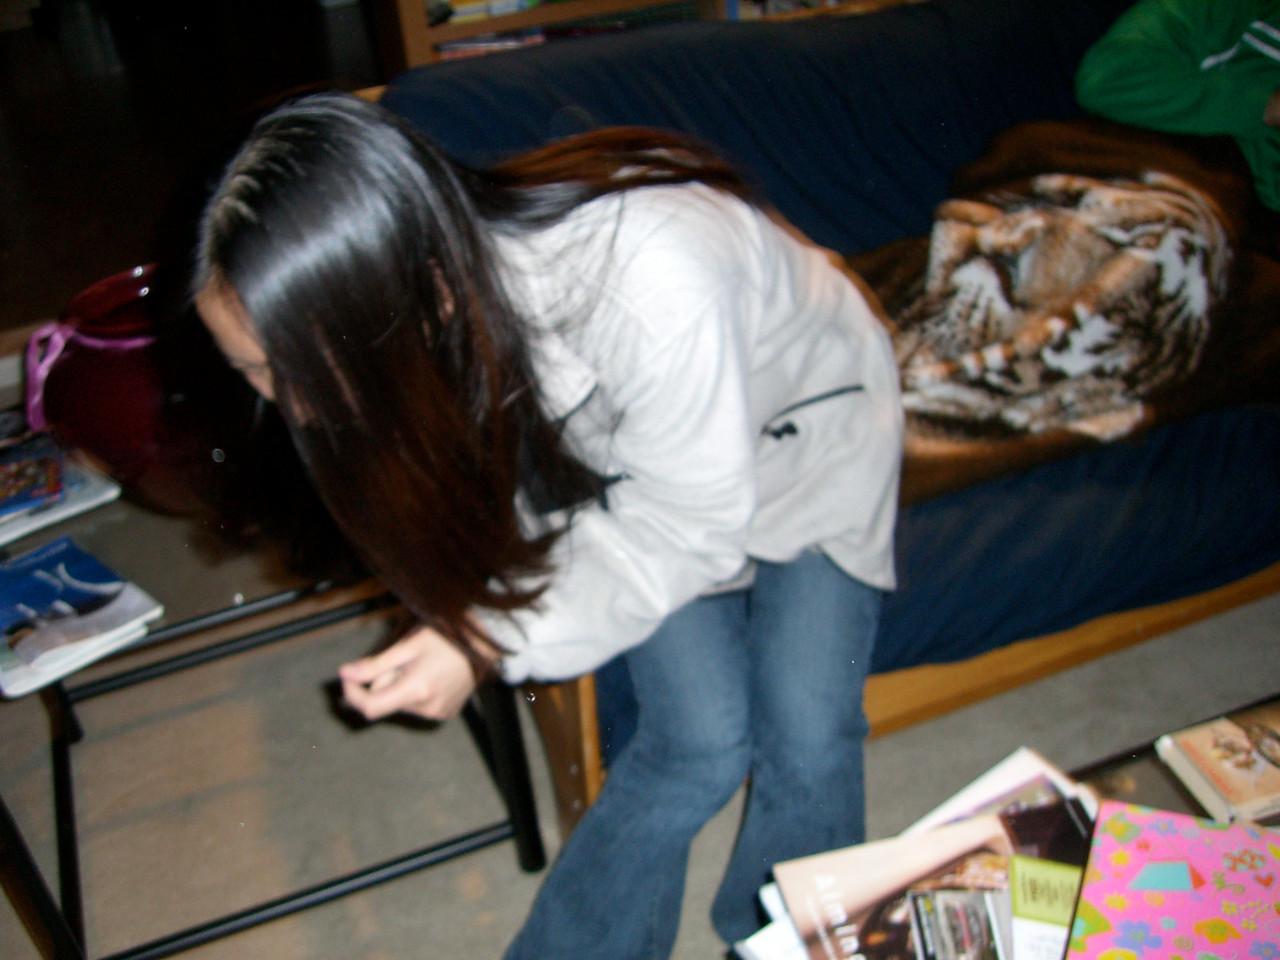 2006 03 24 Fri - Jenny Alyono & Pablo Pozo's pity visit - Jenny dodges the camera